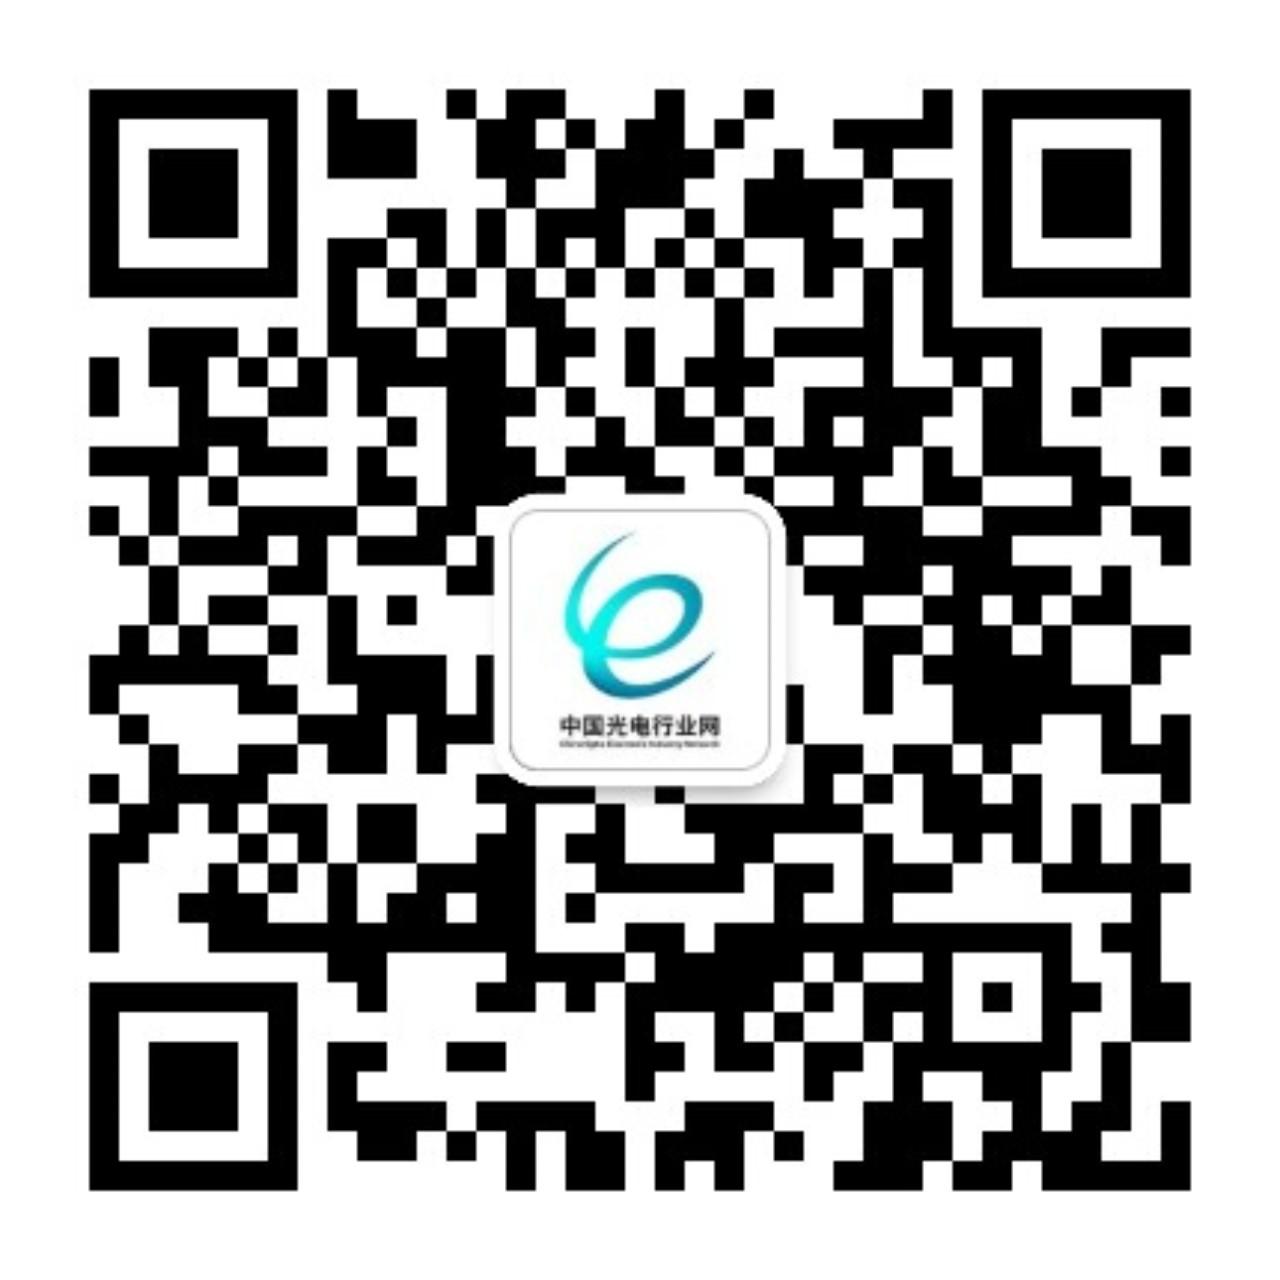 中国光电行业网 - 微信二维码小图